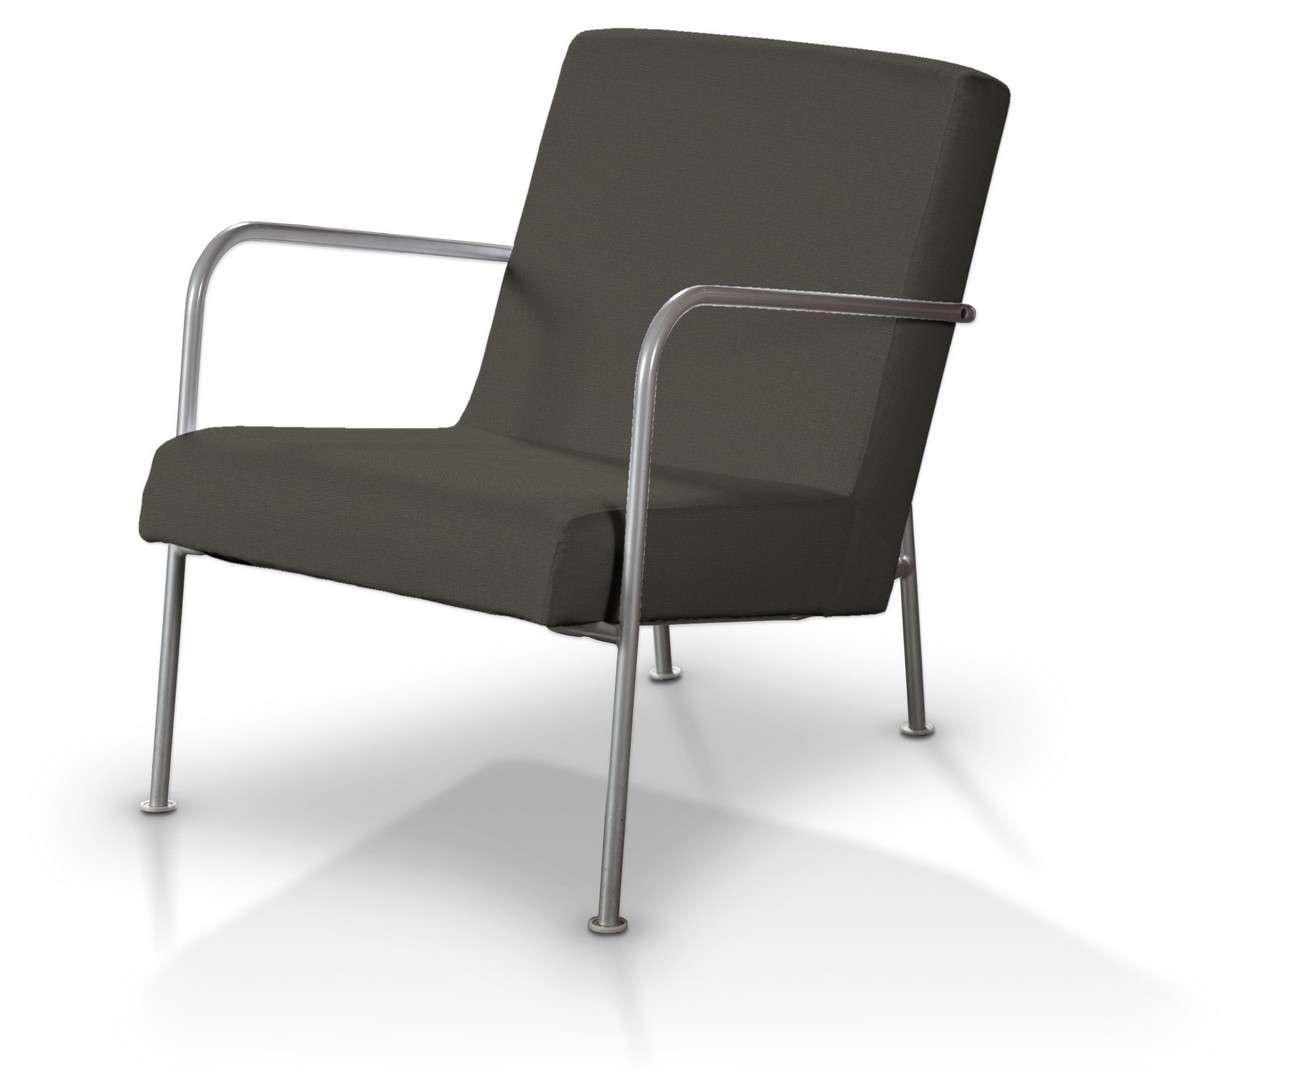 Bezug für Ikea PS Sessel von der Kollektion Living, Stoff: 161-55